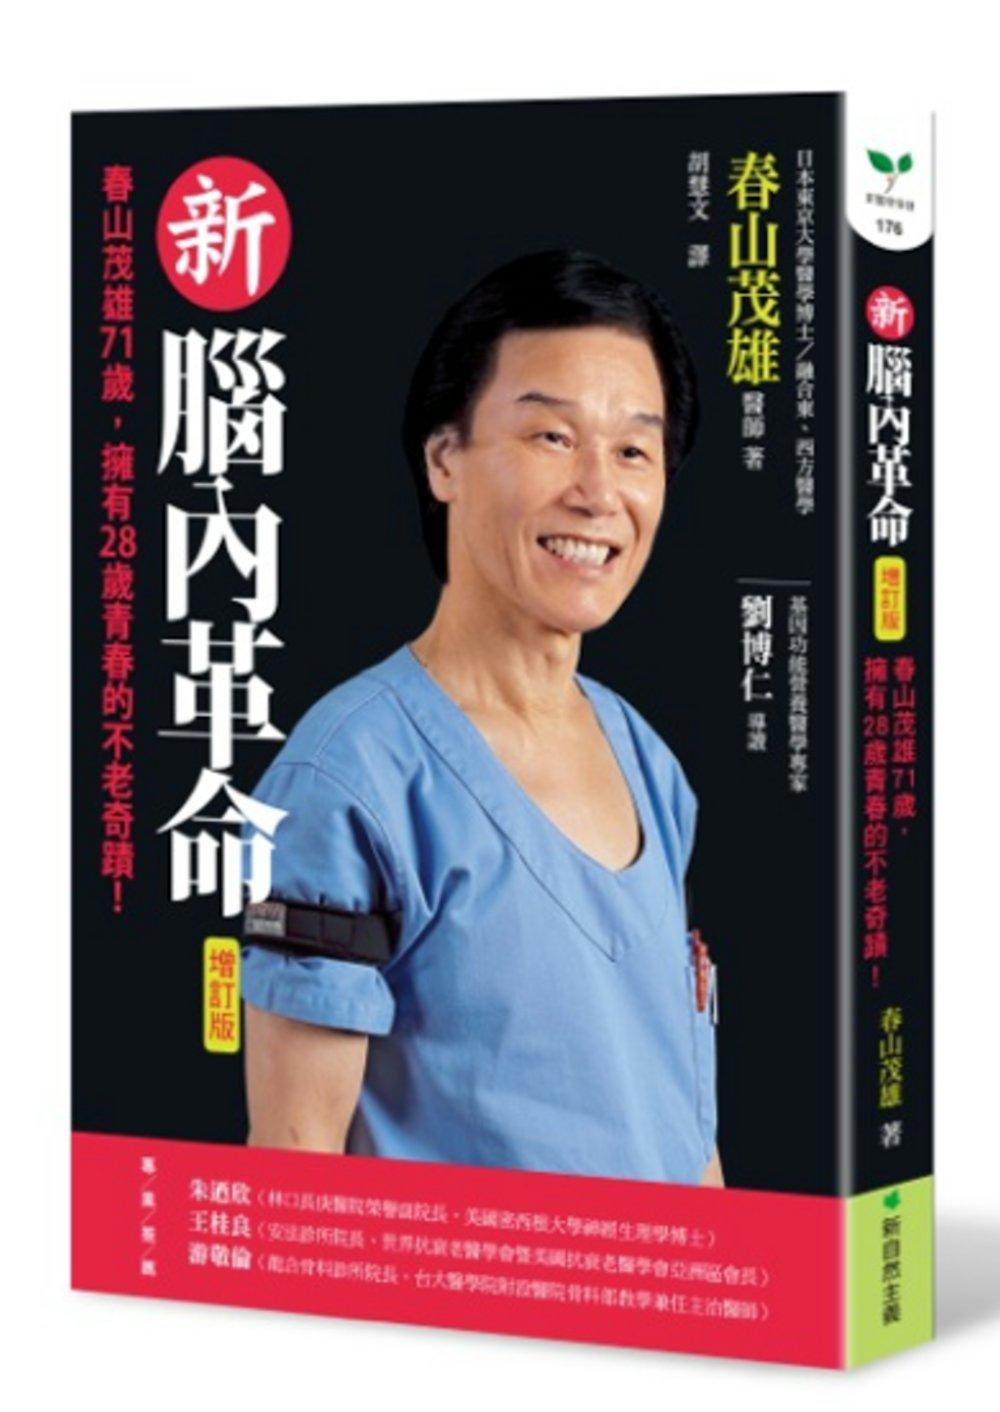 新腦內革命:春山茂雄71歲,擁有28歲青春的不老奇蹟!【增訂版】